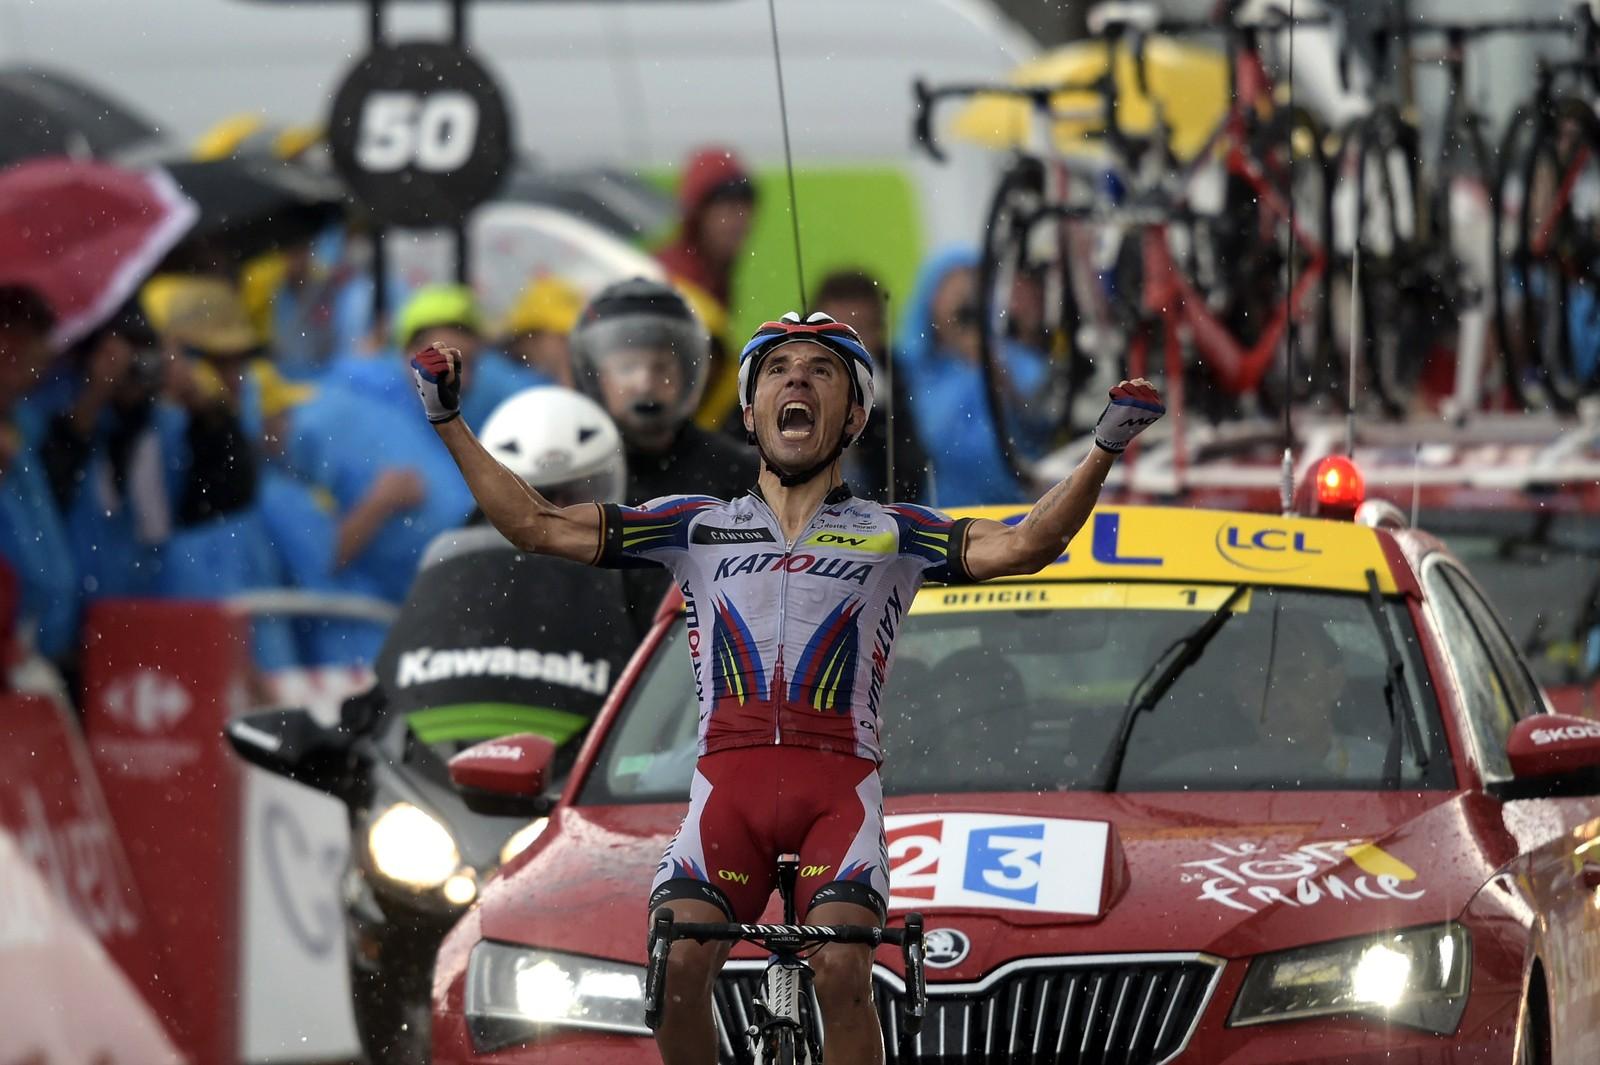 ... og vant! AFP PHOTO / LIONEL BONAVENTURE